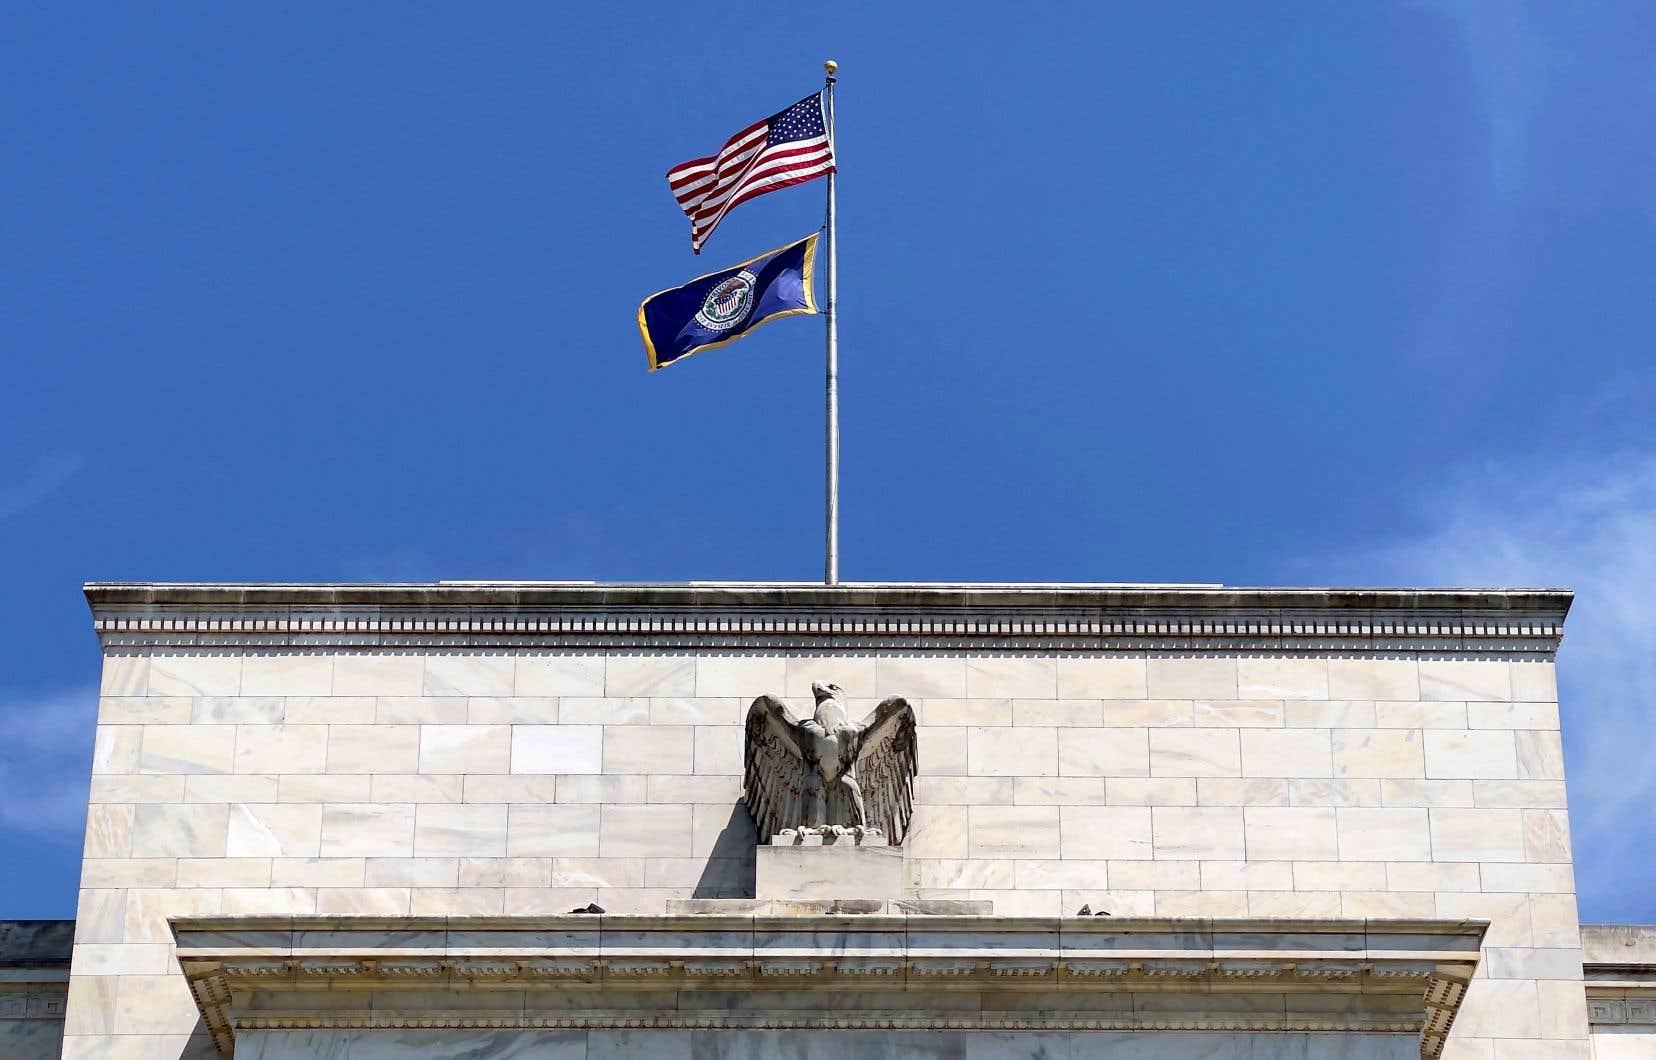 La Réserve fédérale américaine n'était pas encore prête, mercredi, à commencer la réduction de ses mesures de stimulation.